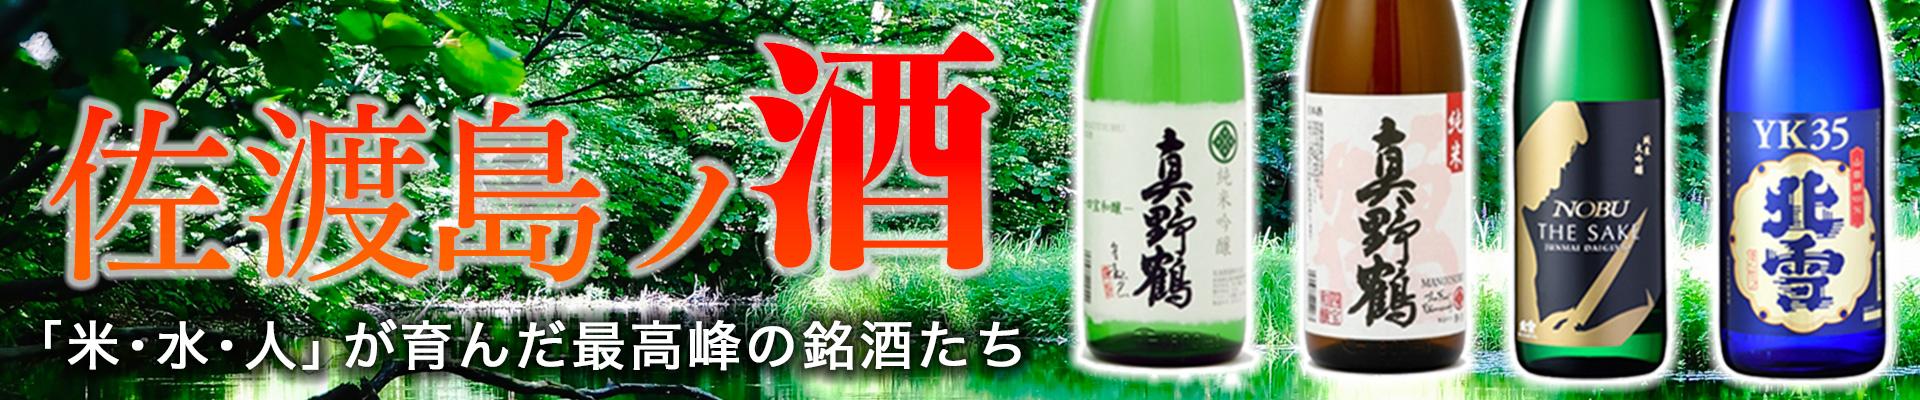 【日本酒】【コンテスト】佐渡島ノ酒を紹介